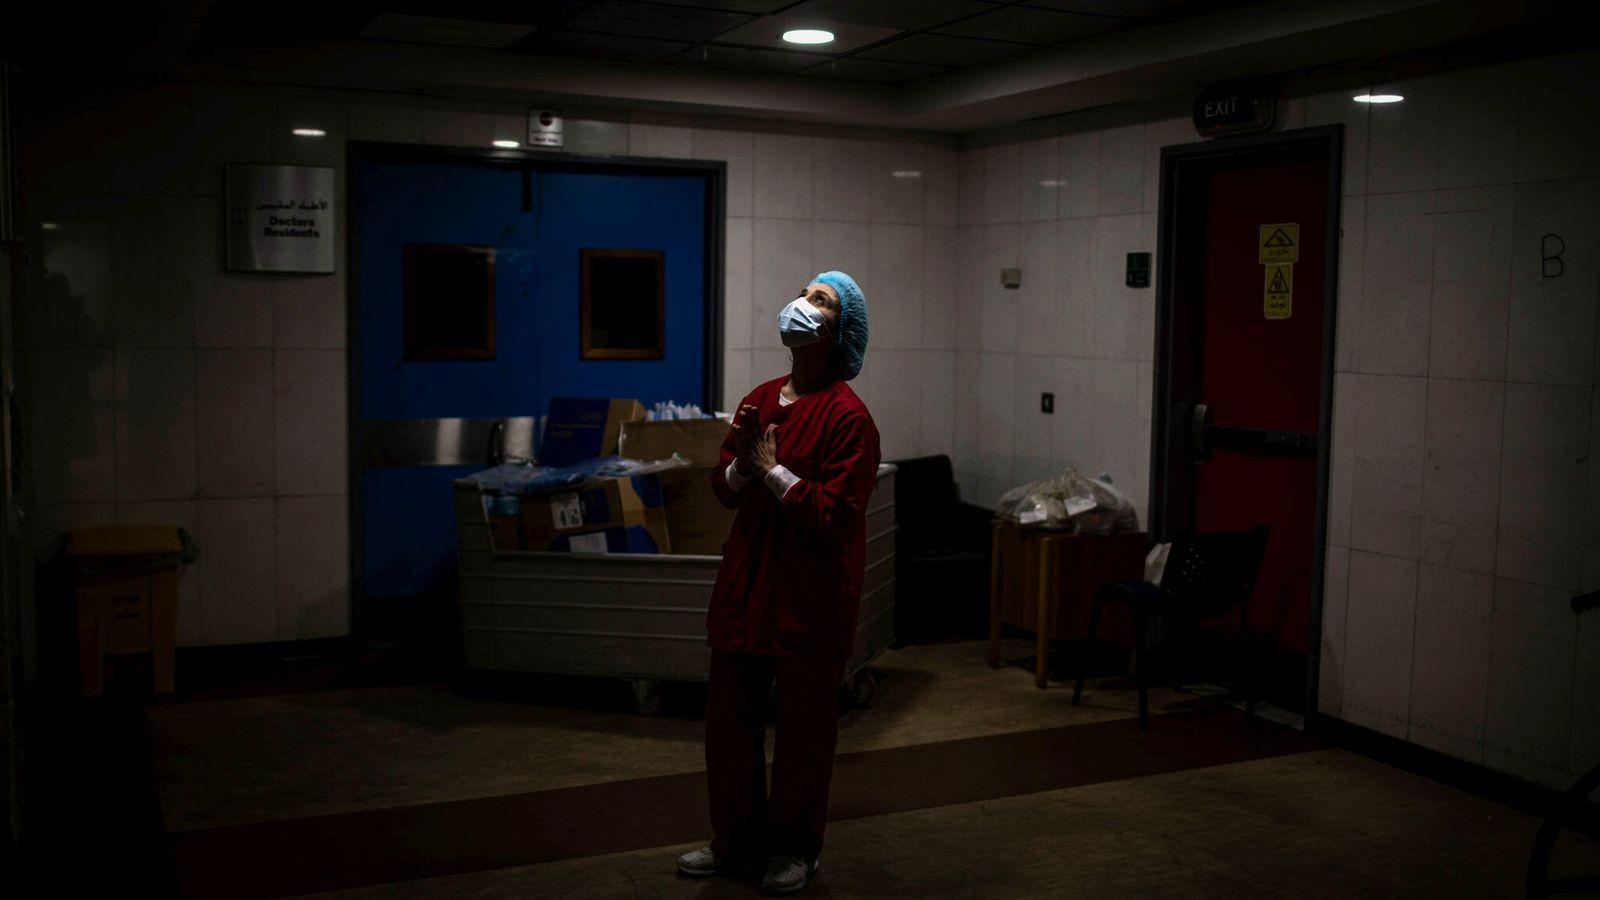 Während die Pandemie weiterhin weltweit wütet, könnten Impfkampagnen und eine genaue Überwachung des Virus COVID-19 irgendwann ...